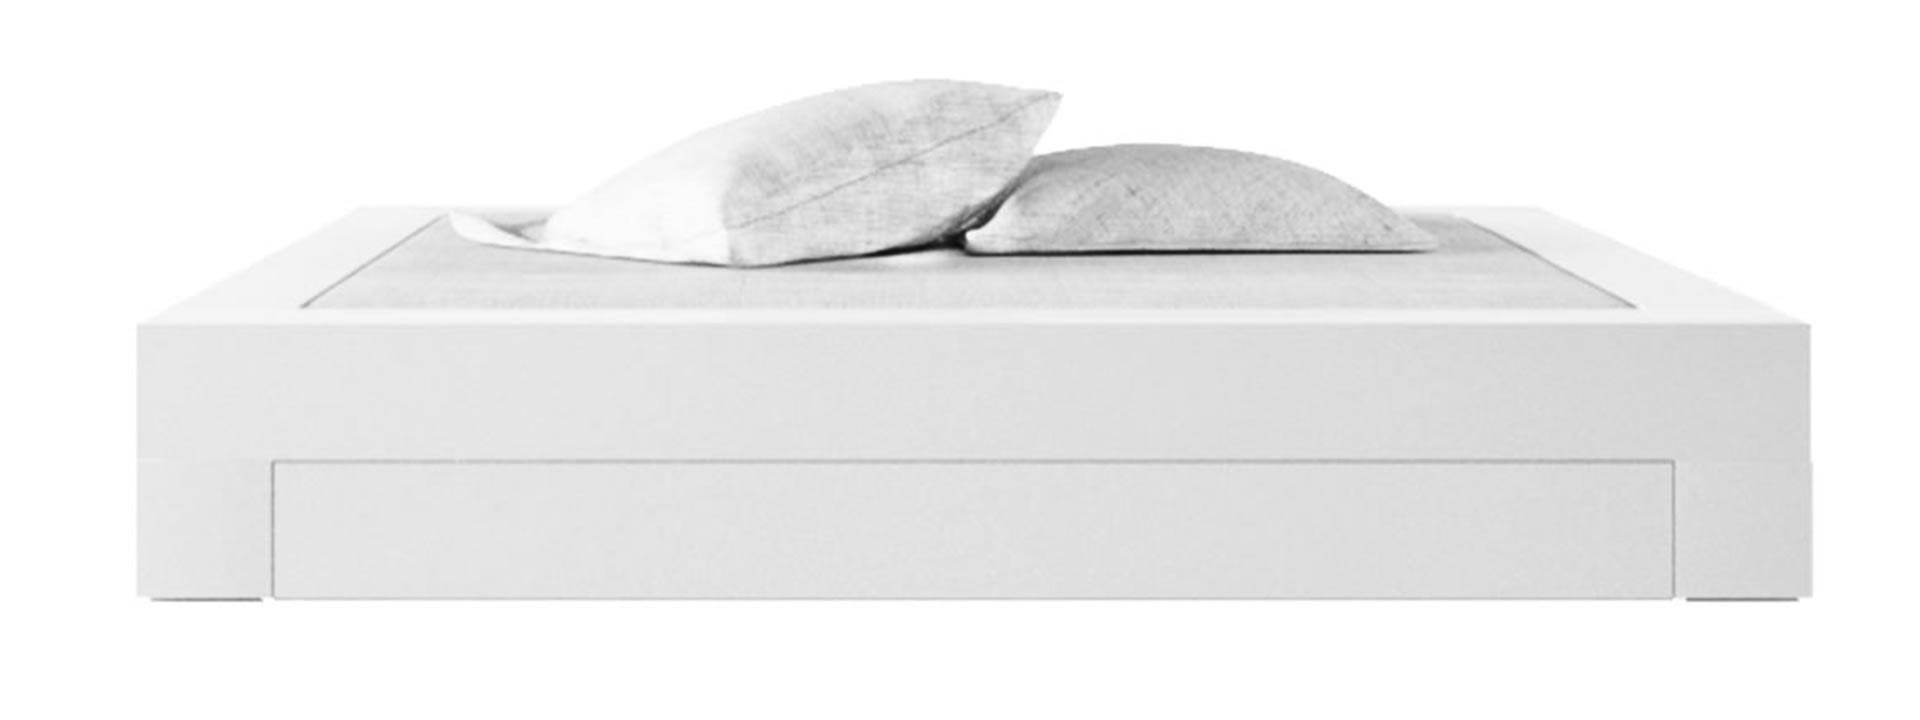 Full Size of Boxspringbett Mit Schubladen Bett Stauraum 160x200 Esstisch Rund Stühlen Bettkasten 140x200 Küche Günstig Elektrogeräten Weiß Fenster Eingebauten Rolladen Wohnzimmer Boxspringbett Mit Schubladen